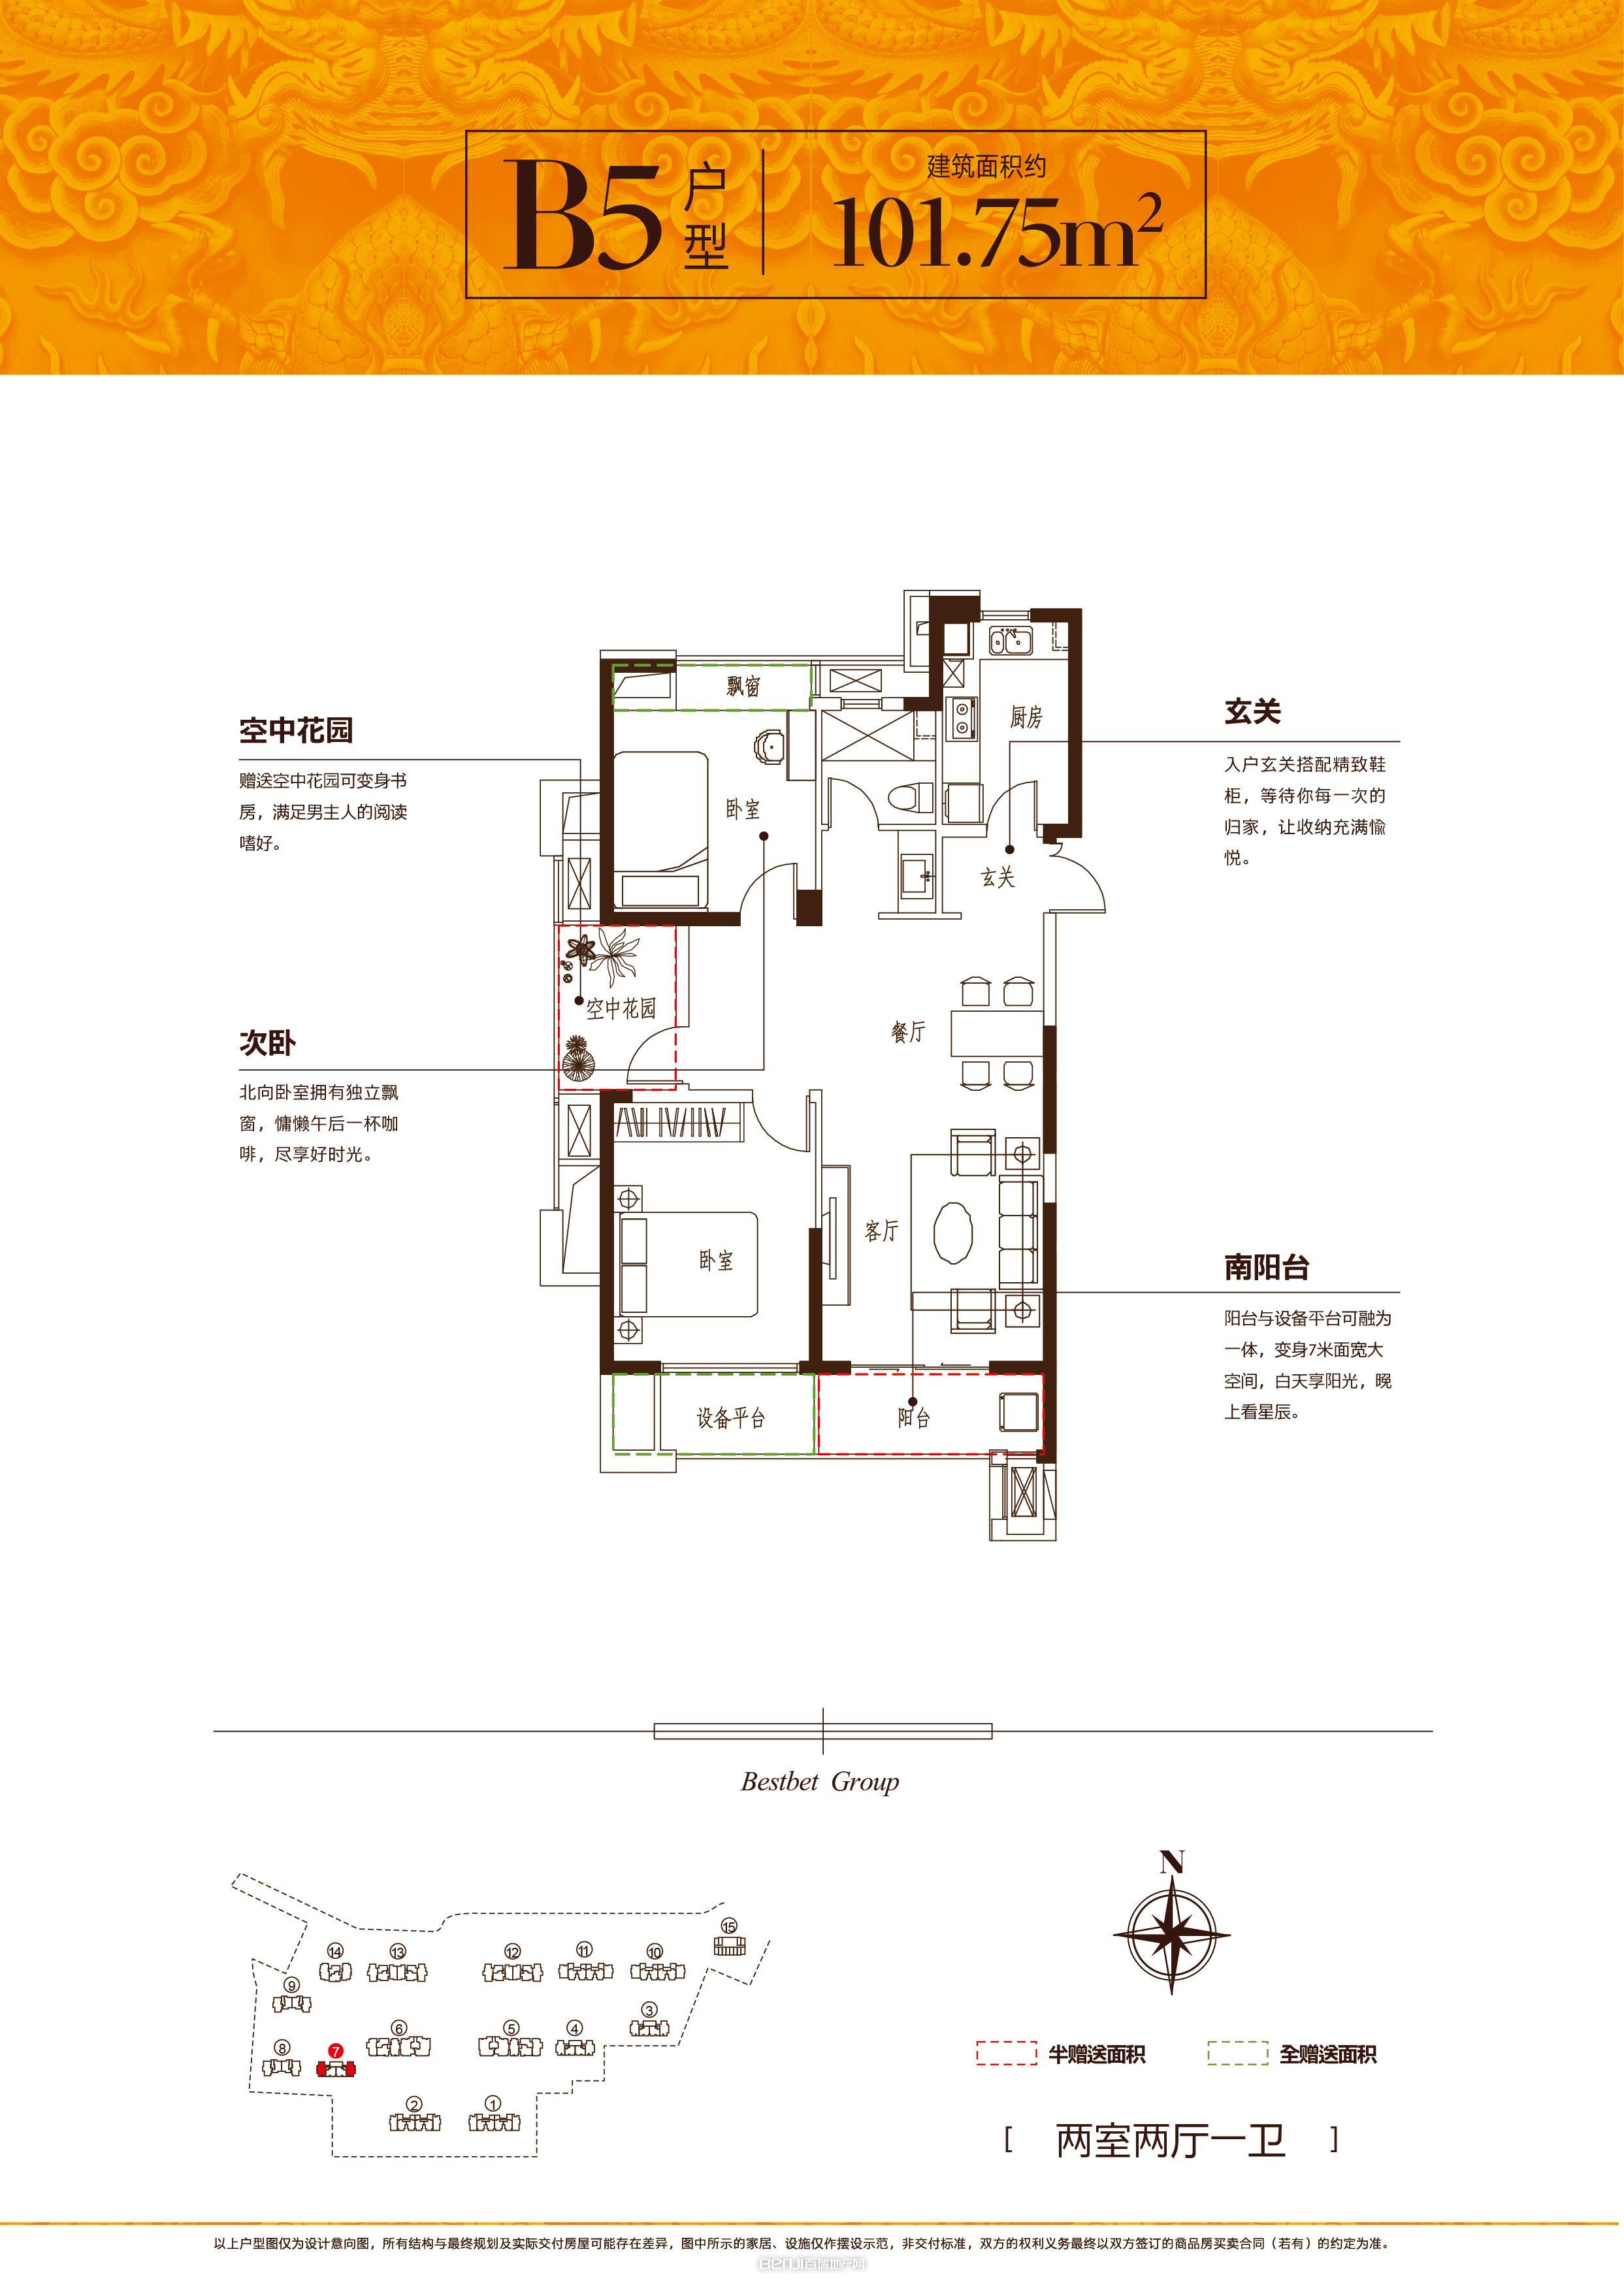 信地城市广场B5两室两厅一卫101.75平 户型